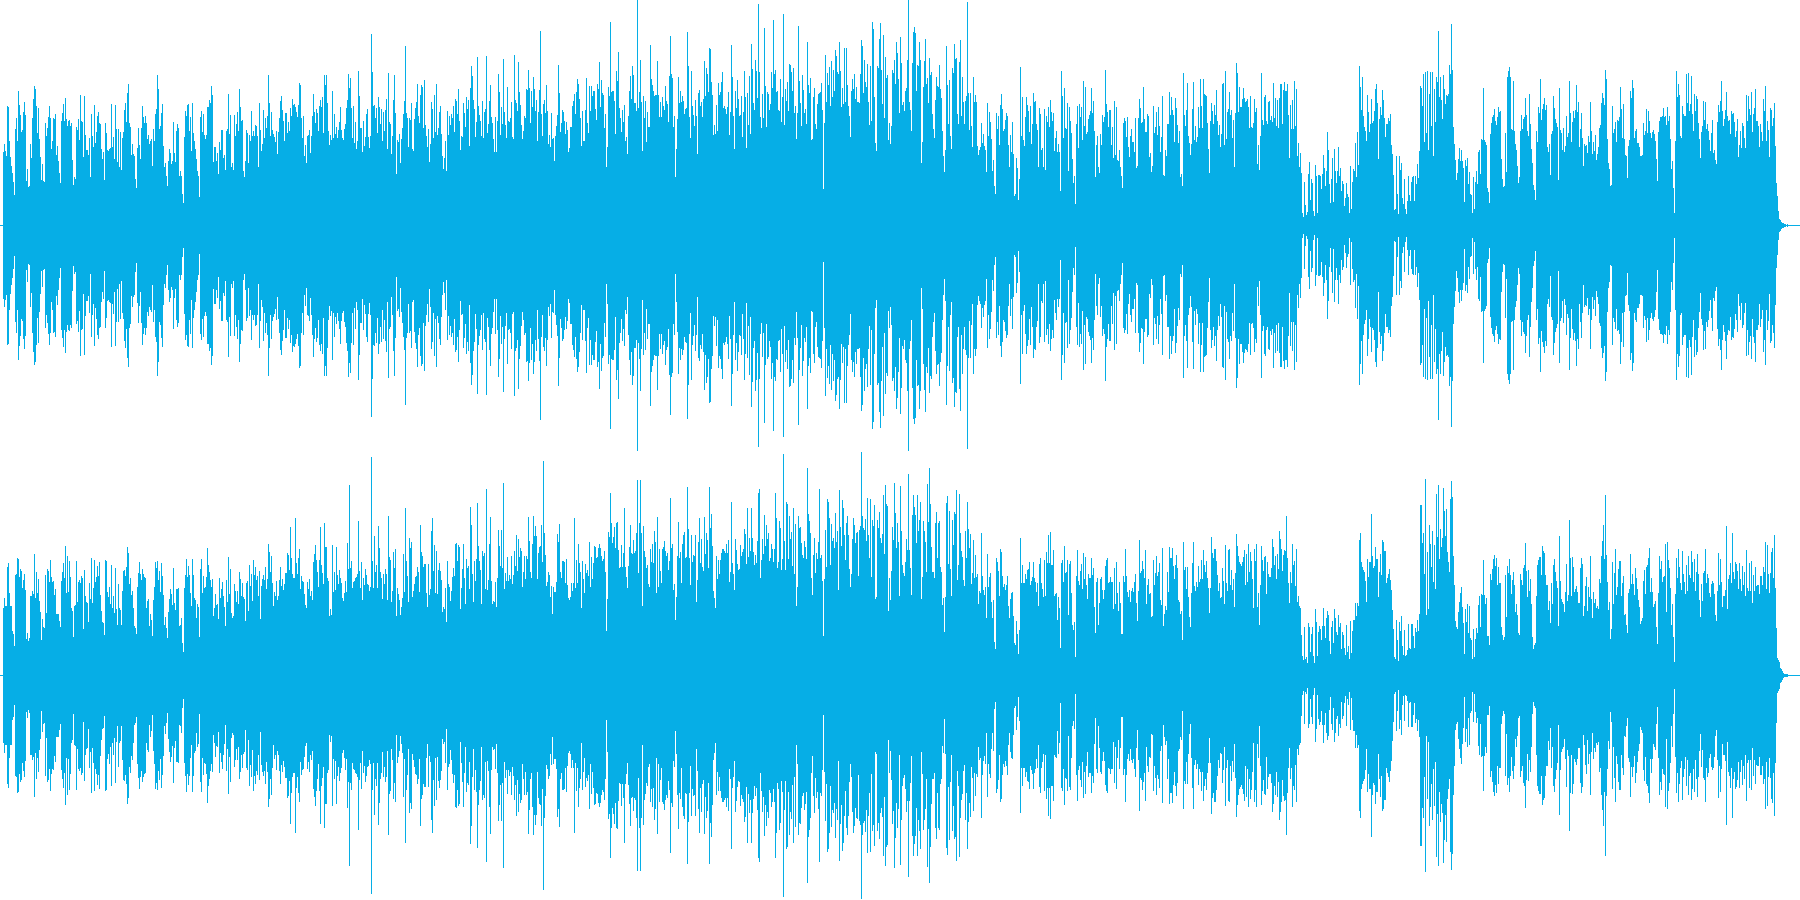 ガーシュウィンのスタンダードジャズの再生済みの波形